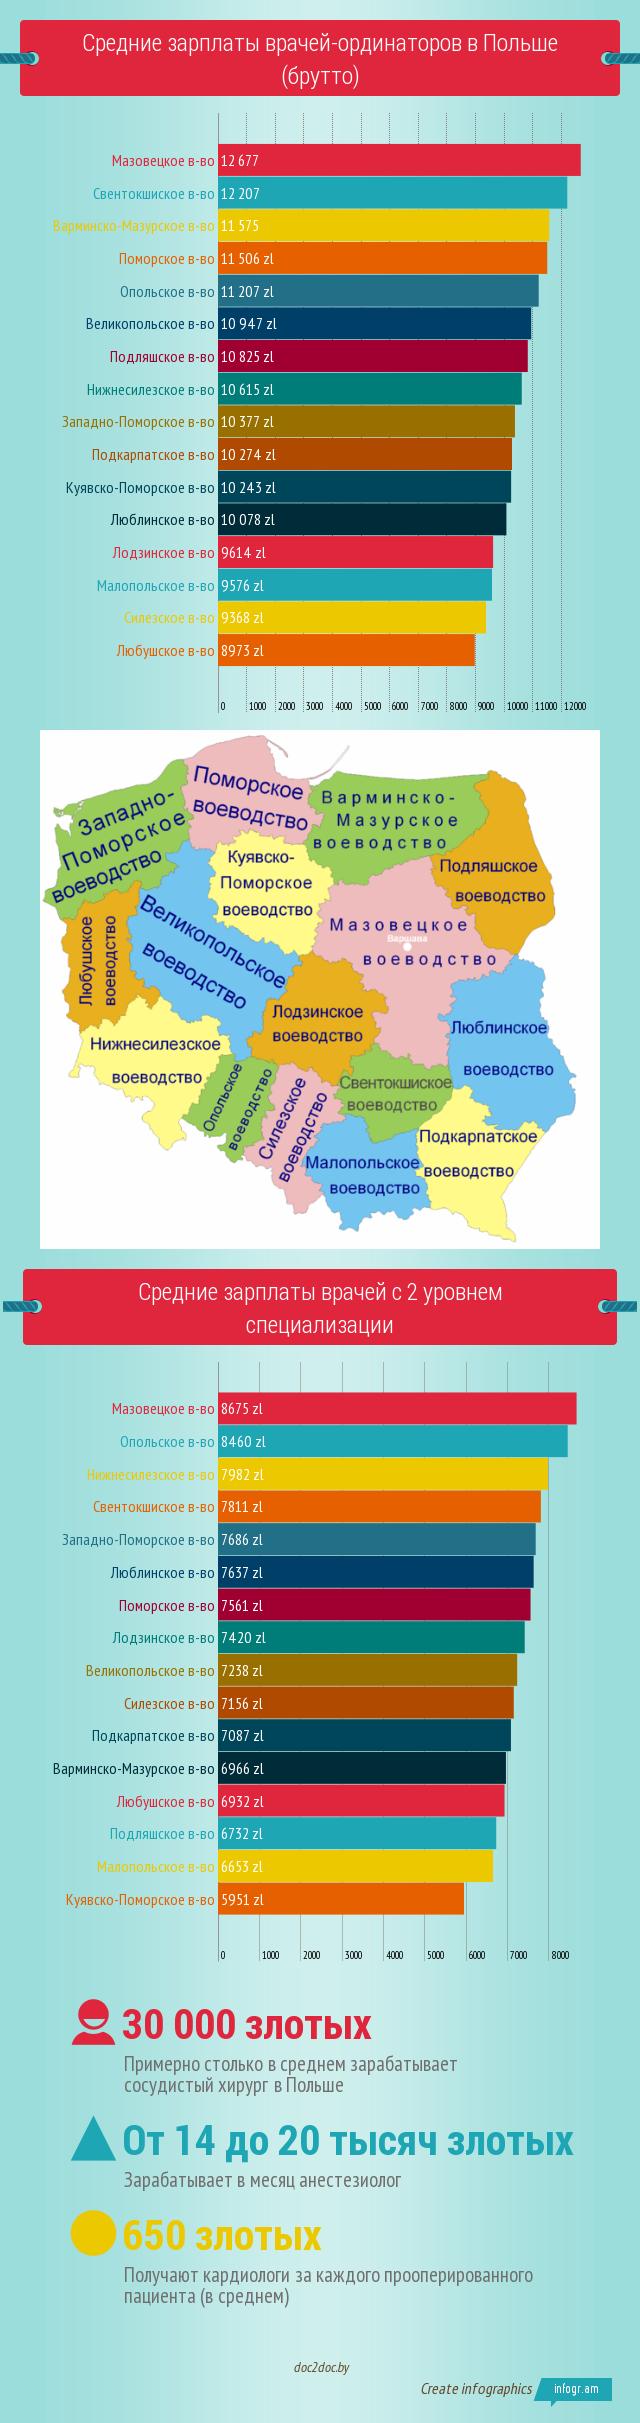 Зарплата врача в Польше